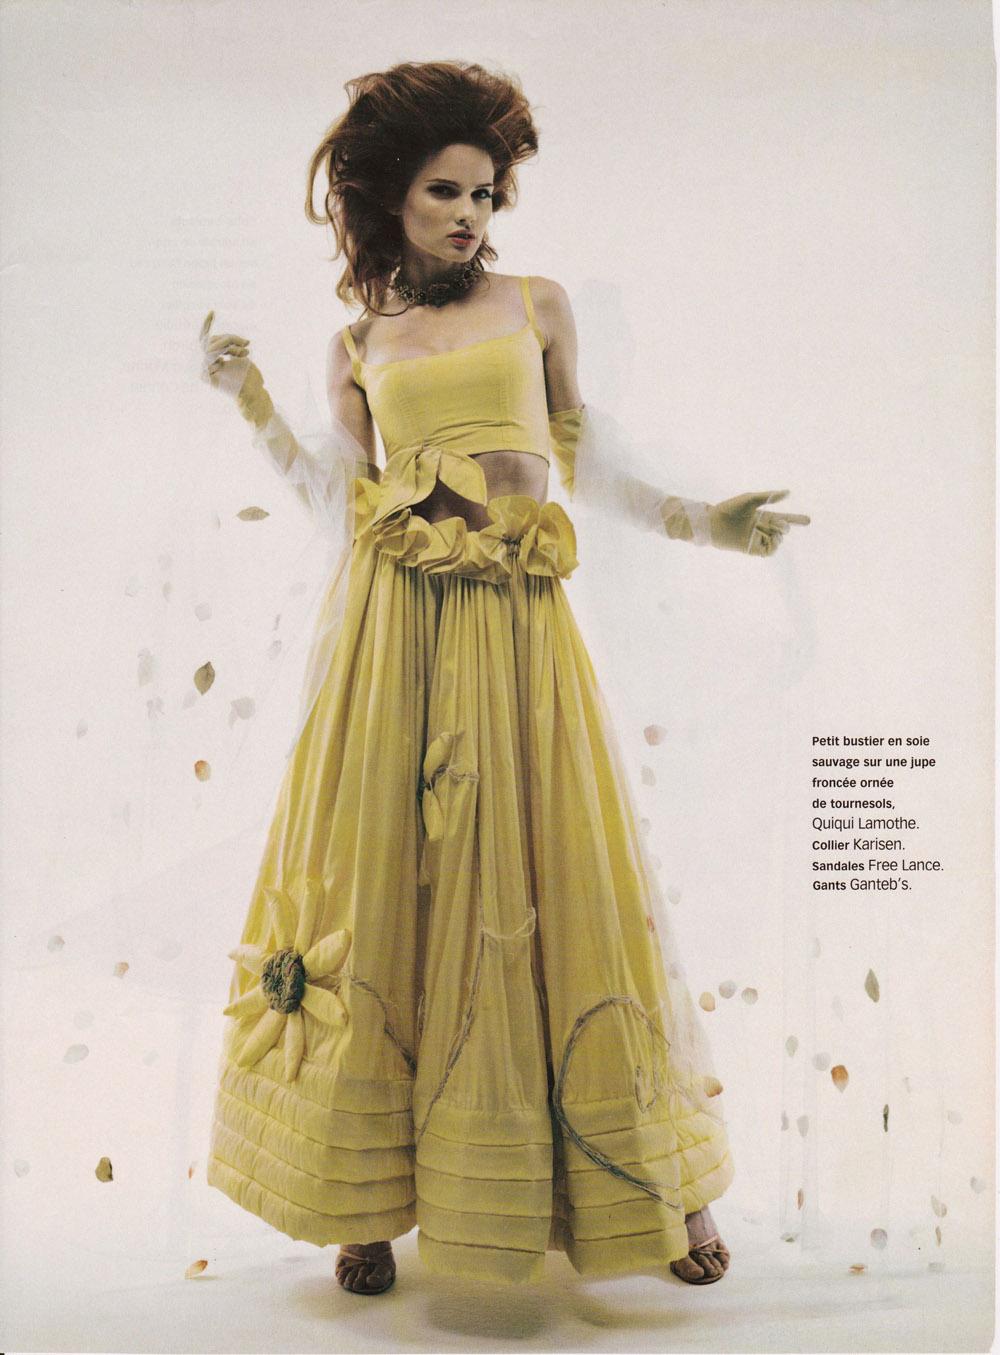 mariages-magazine-quiqui-lamothe-creatrice-designer-de-robe-de-mariee-nature-jaune-tournesol-soleil-